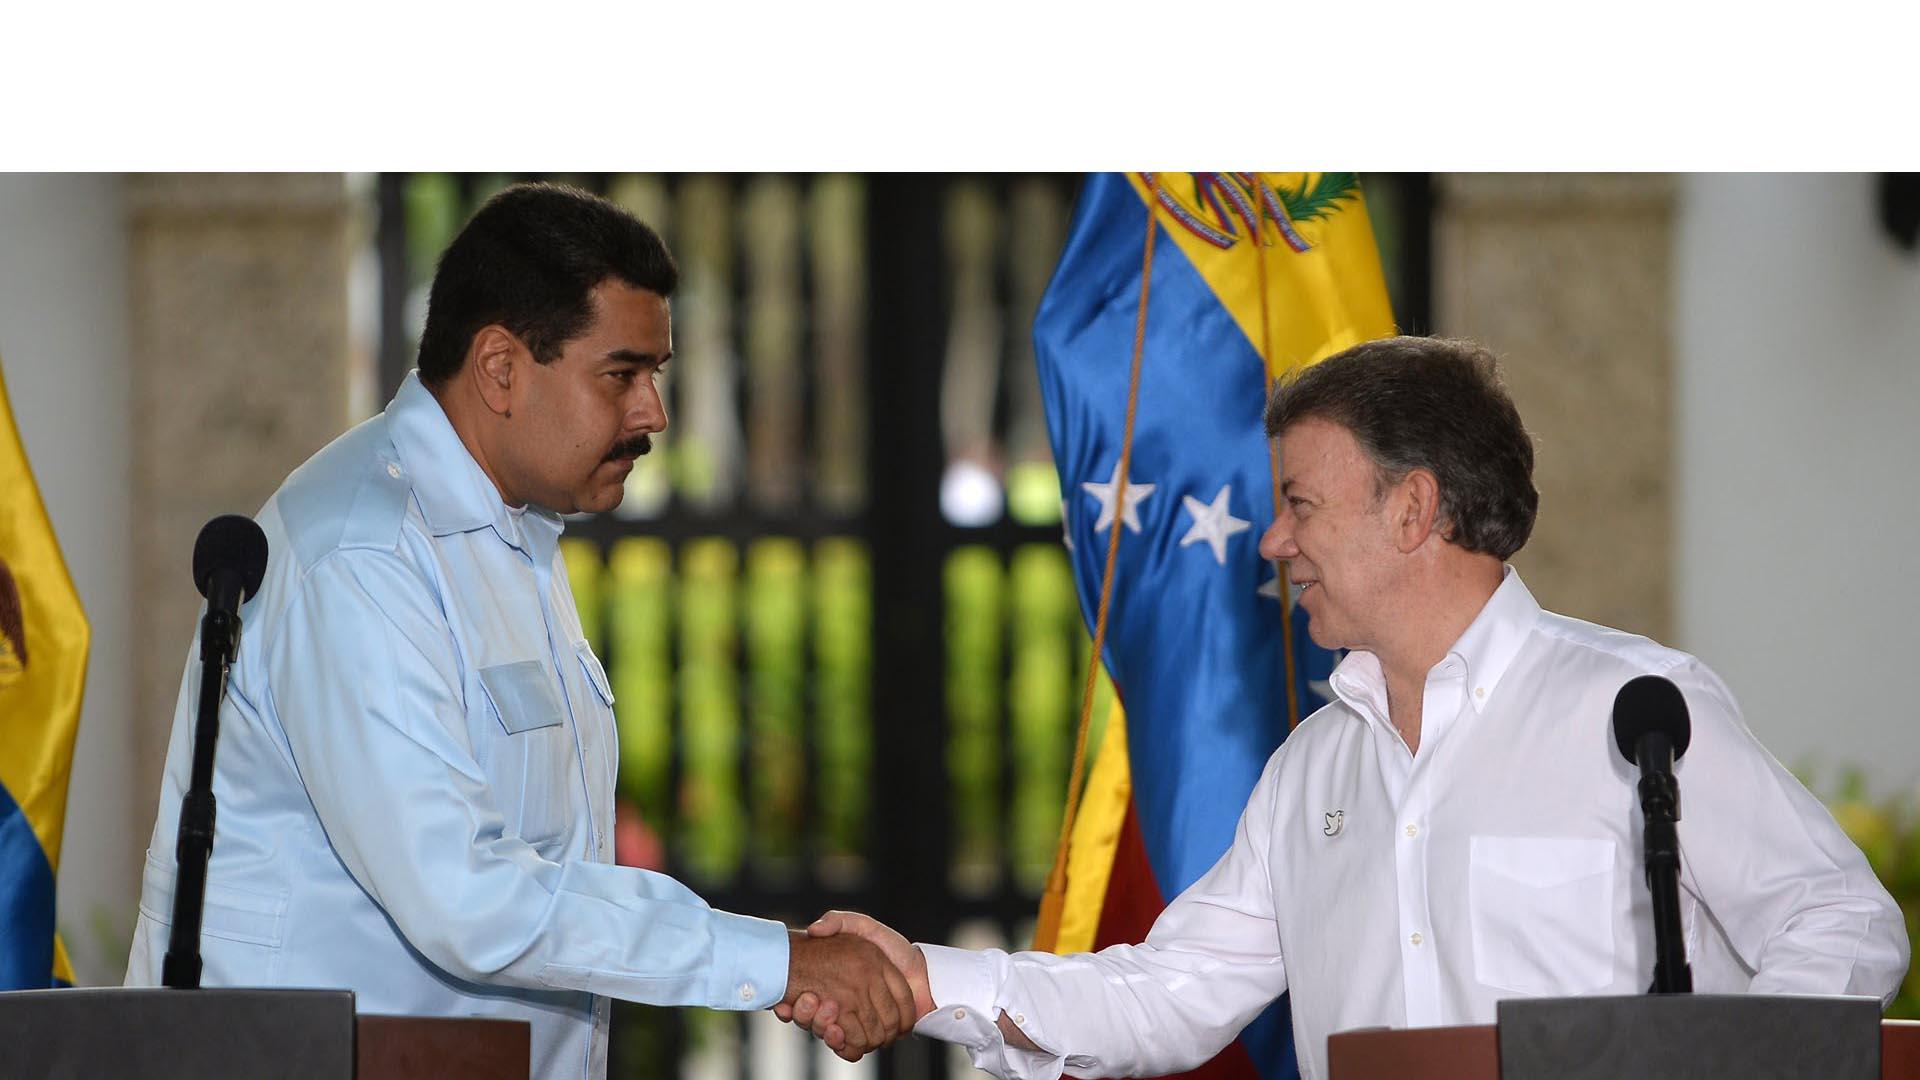 El presidente colombiano espera que en las reuniones con su homólogo venezolano se logren los acuerdos para la pronta reapertura